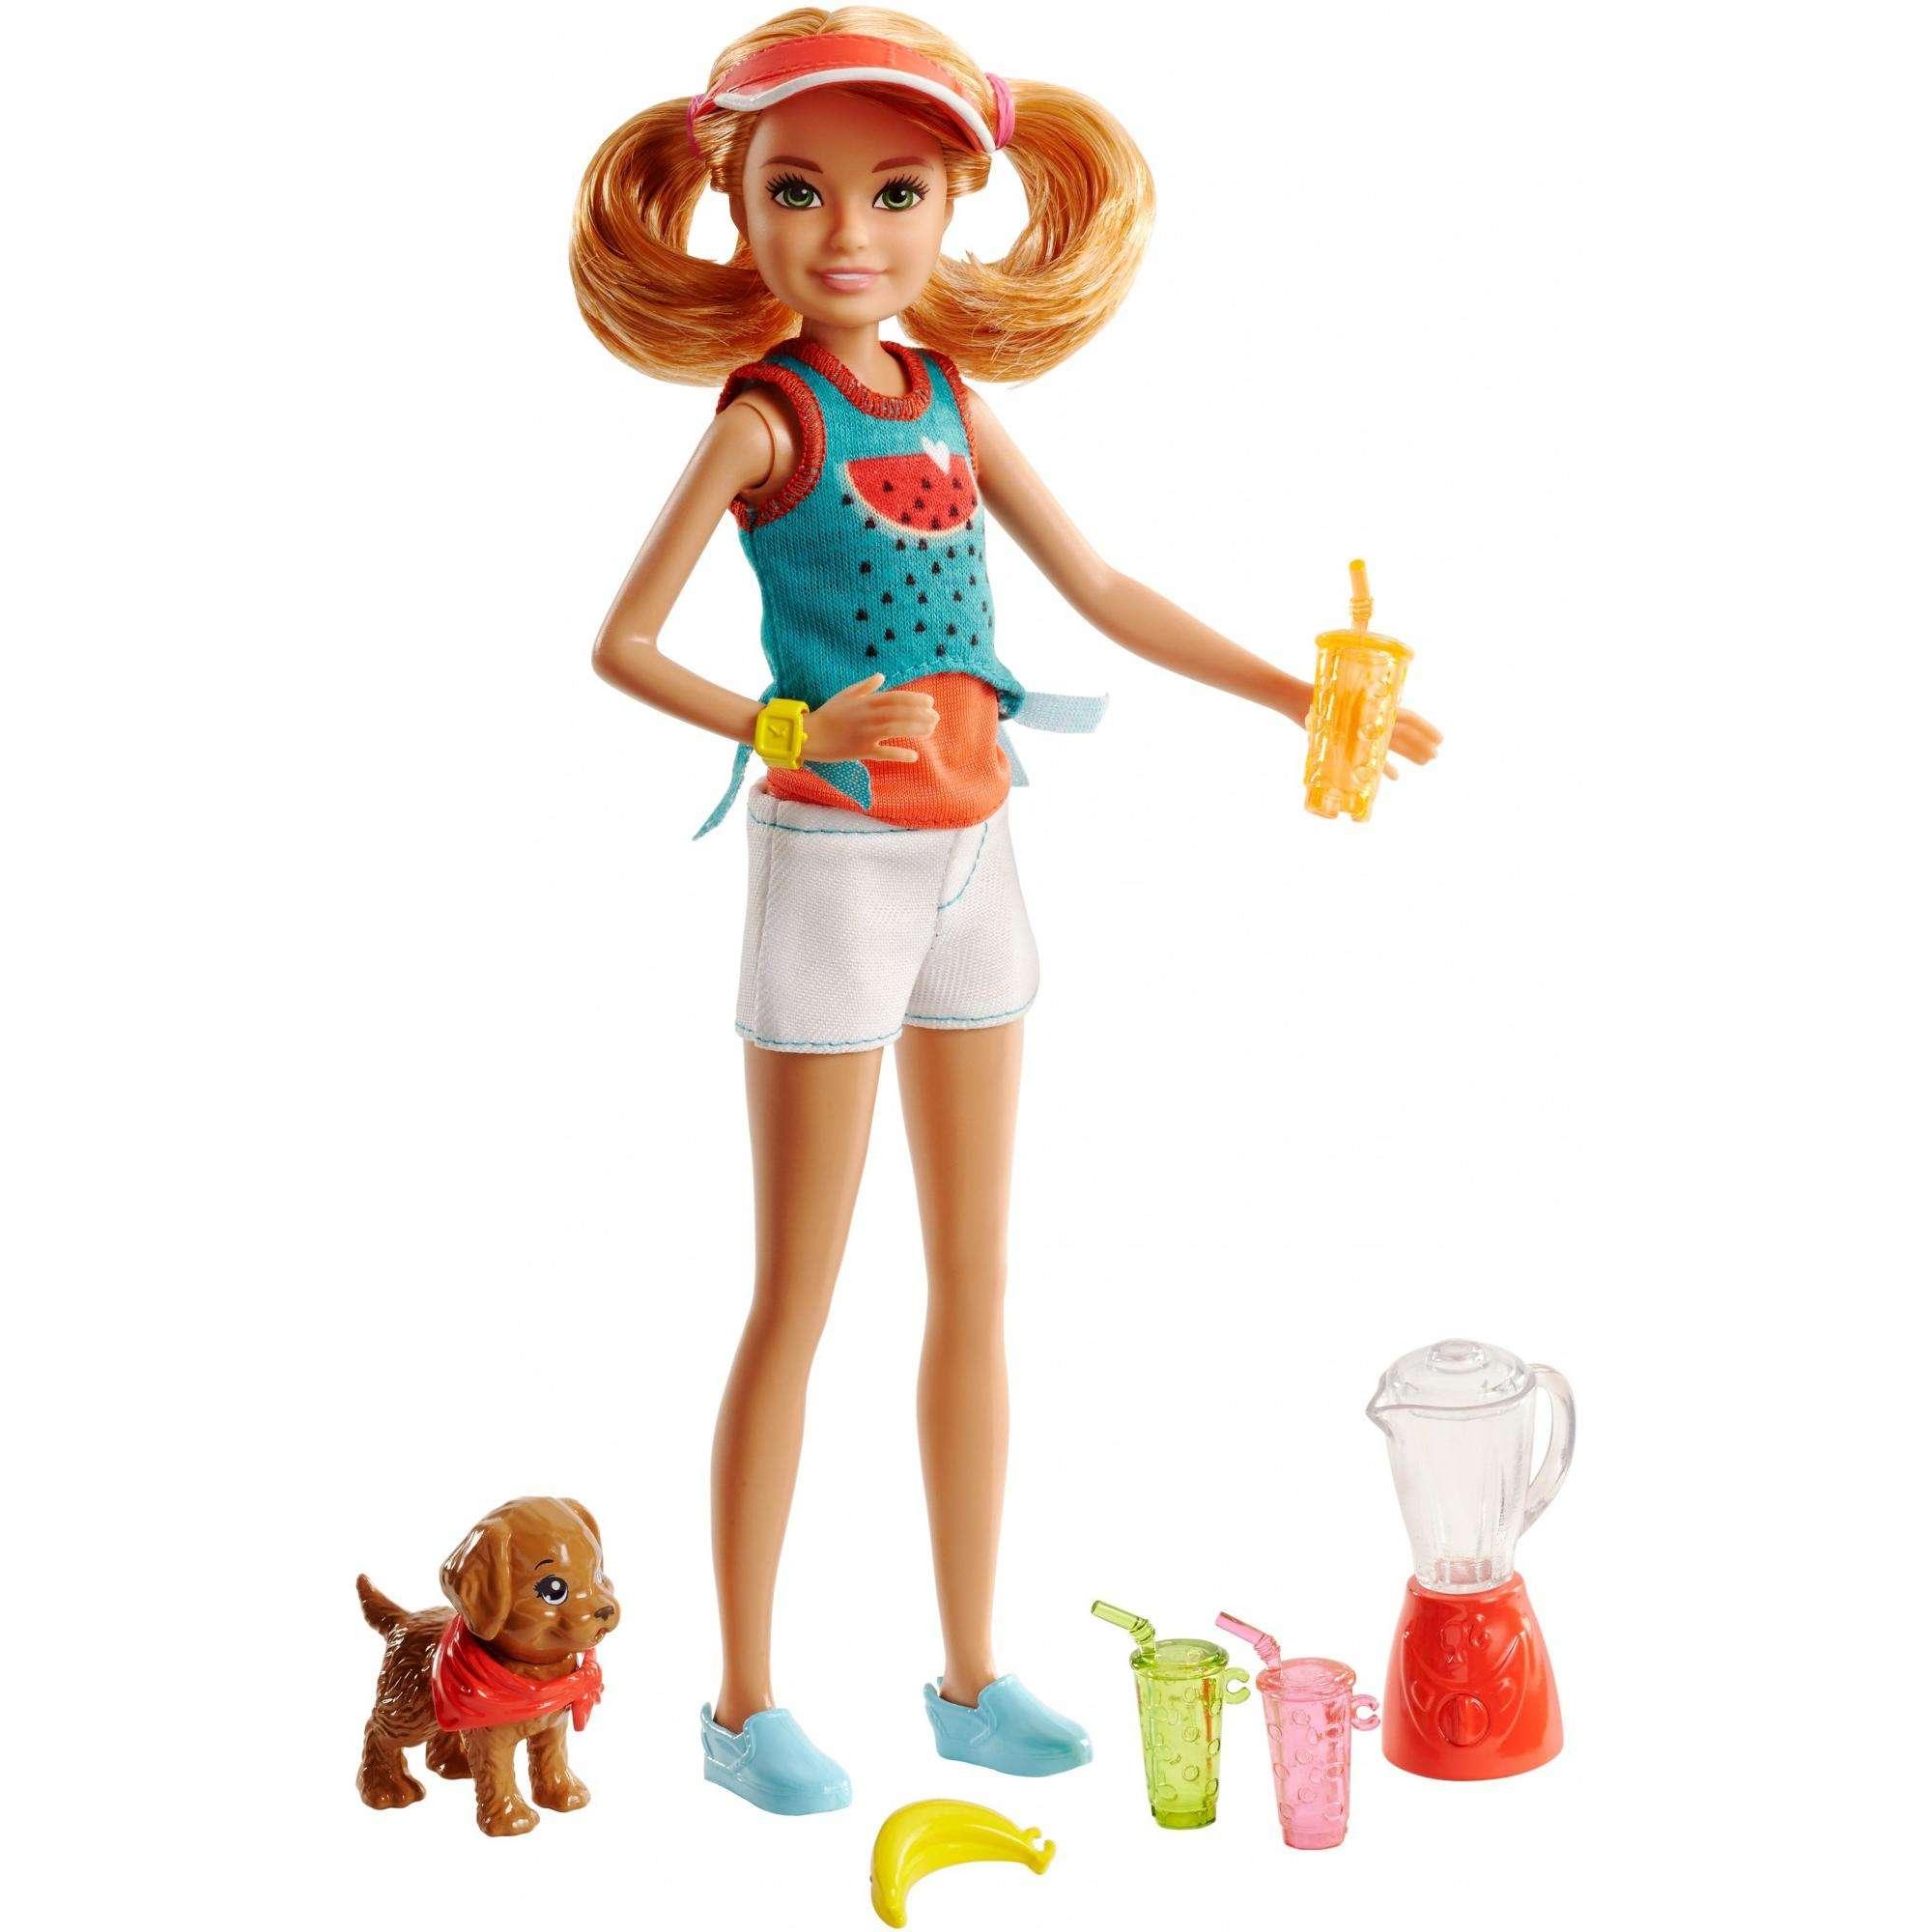 Barbie Sisters Stacie Healthy Juicing Play Set